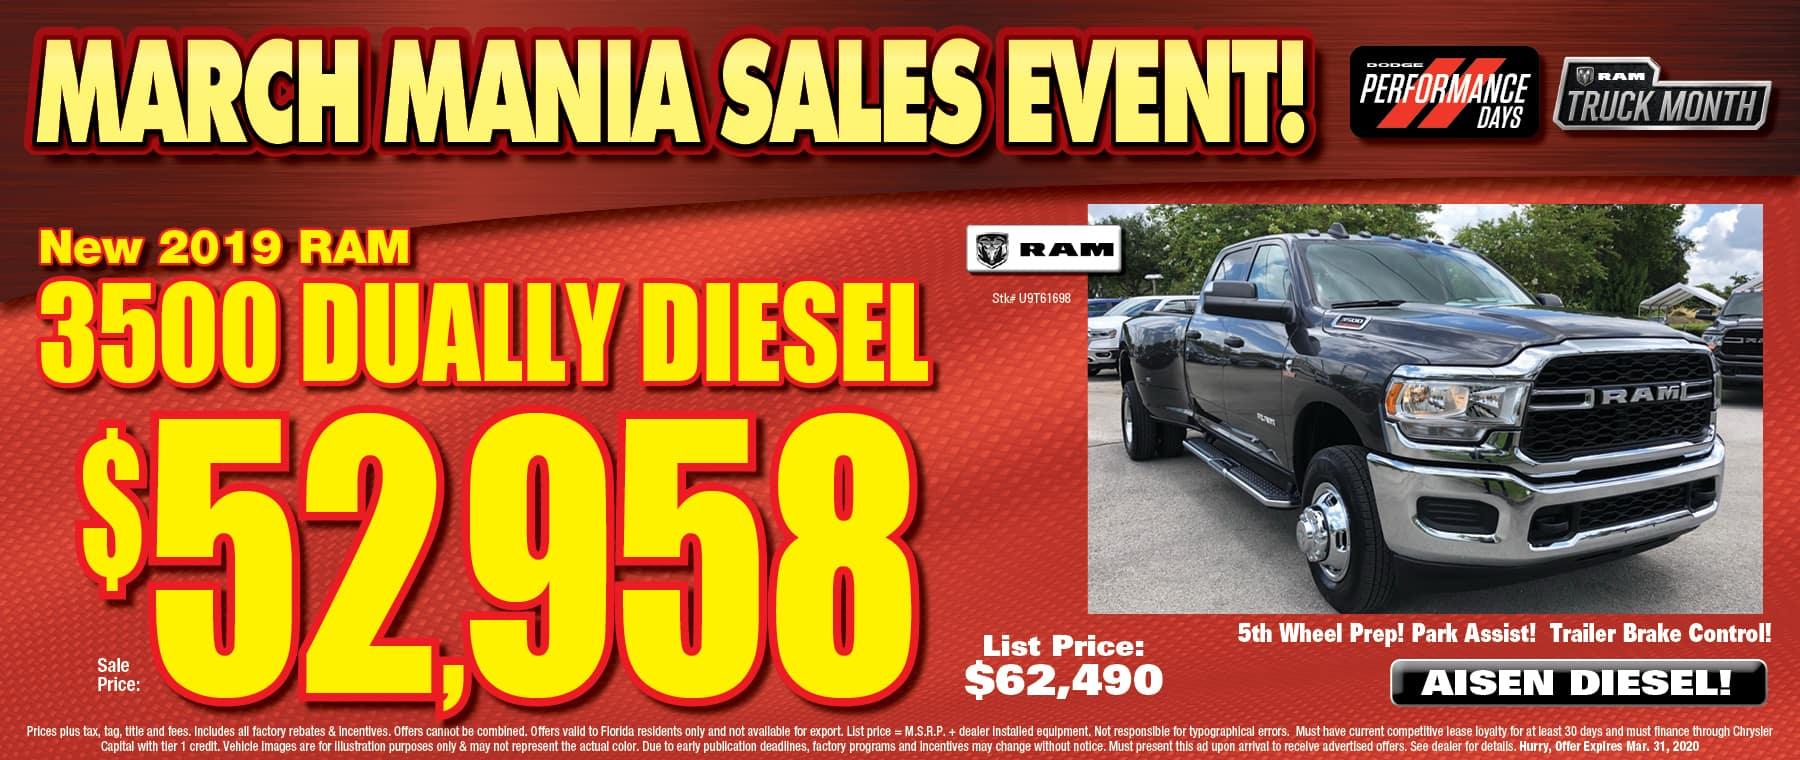 New Ram Dually Diesel!